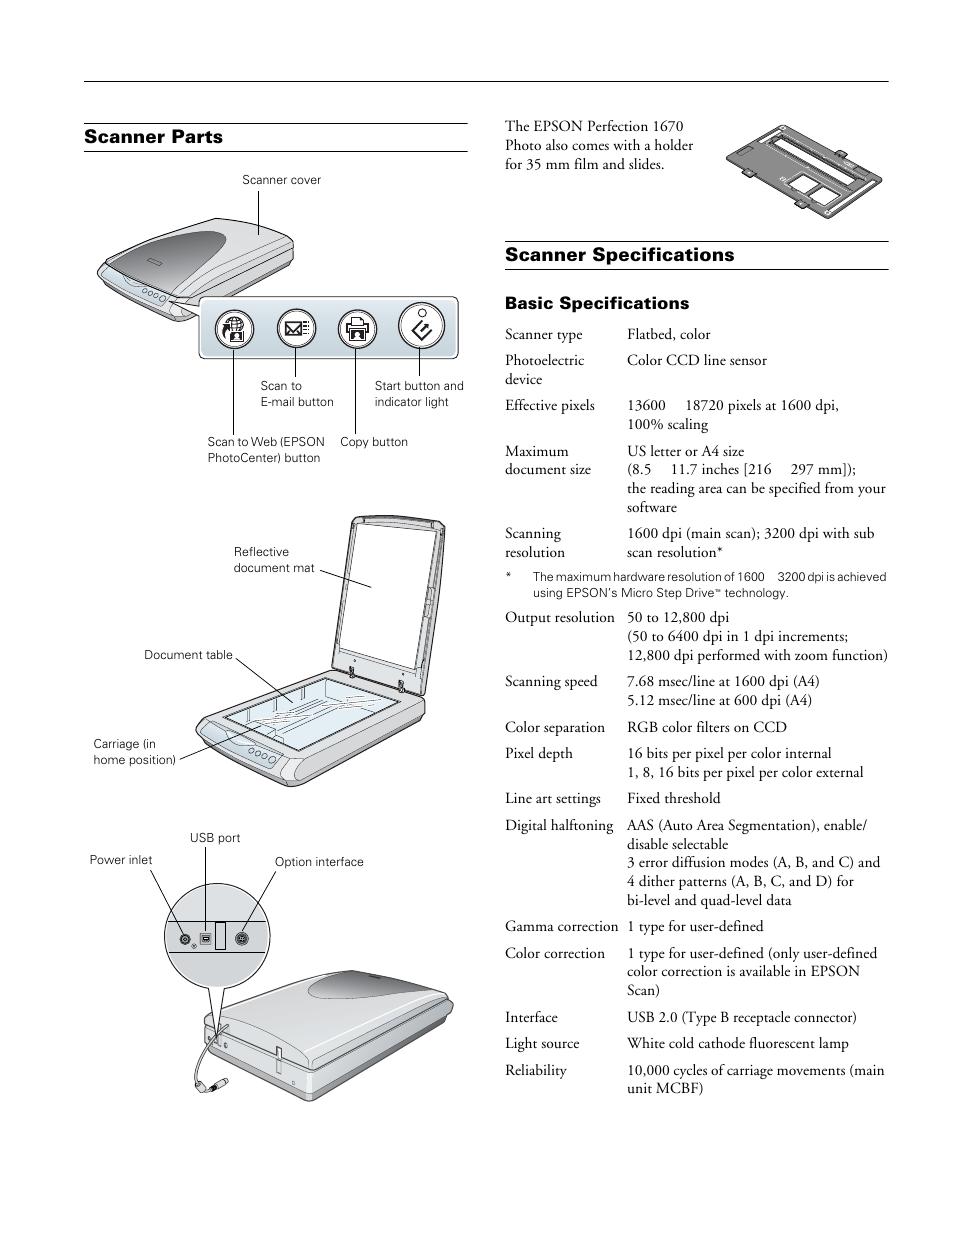 epson 1670 perfection сканера инструкция